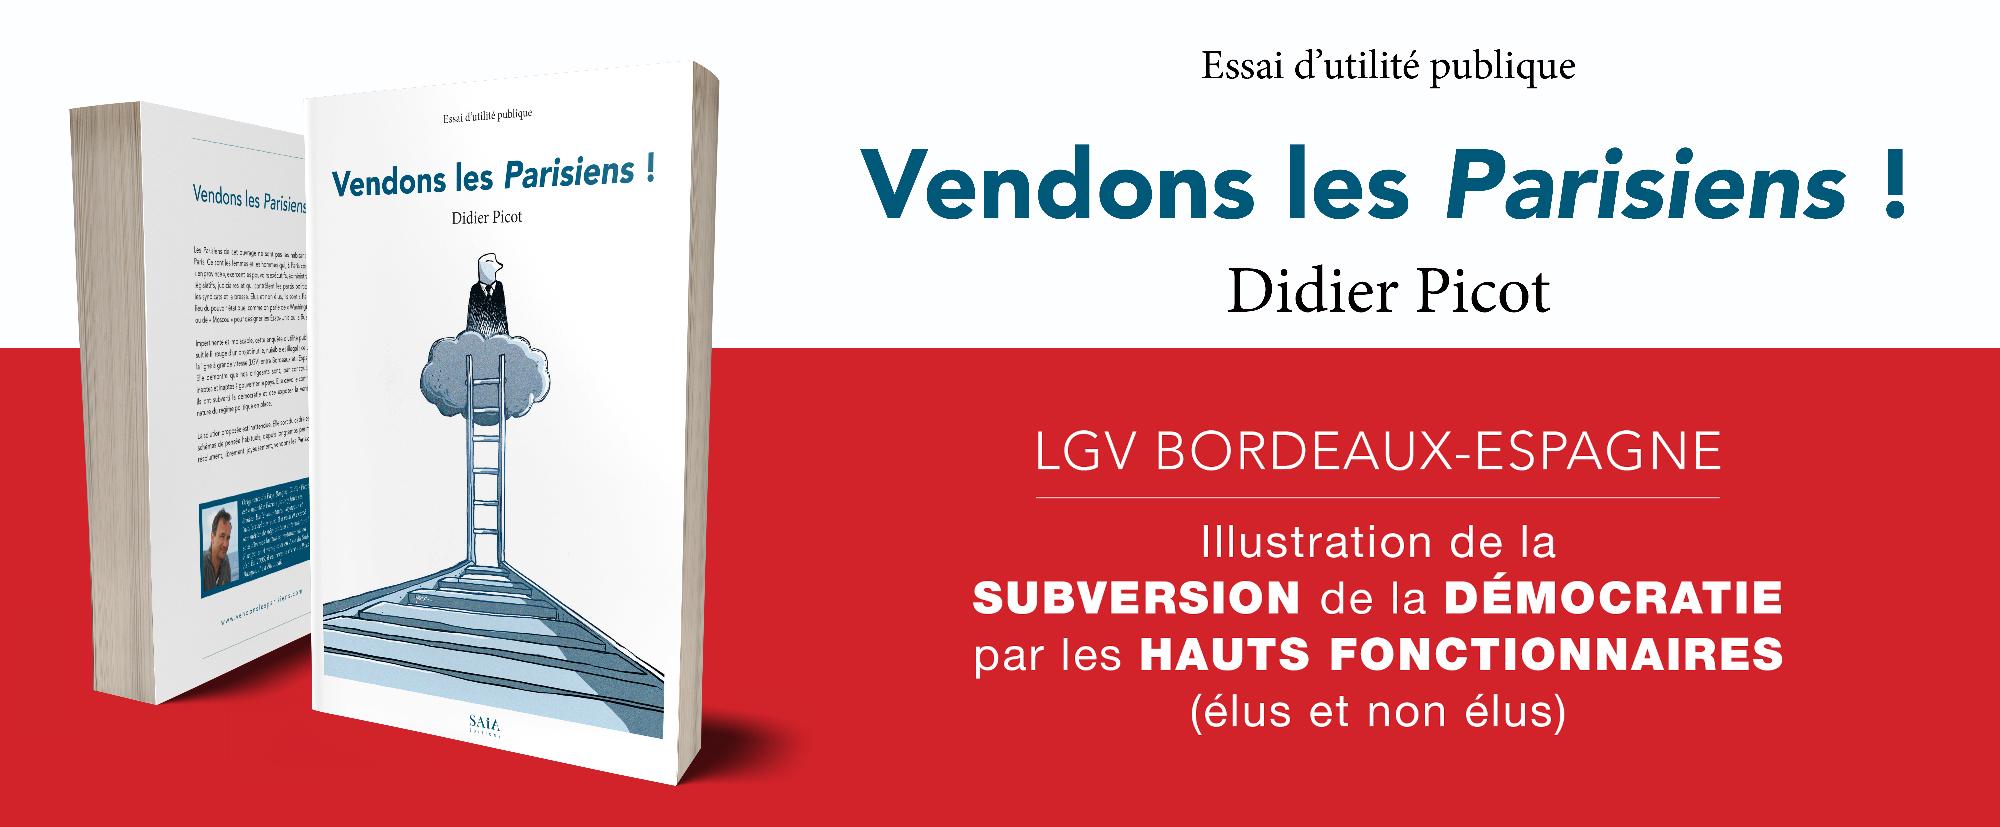 Bandeau de présentation du livre Vendons les Parisiens